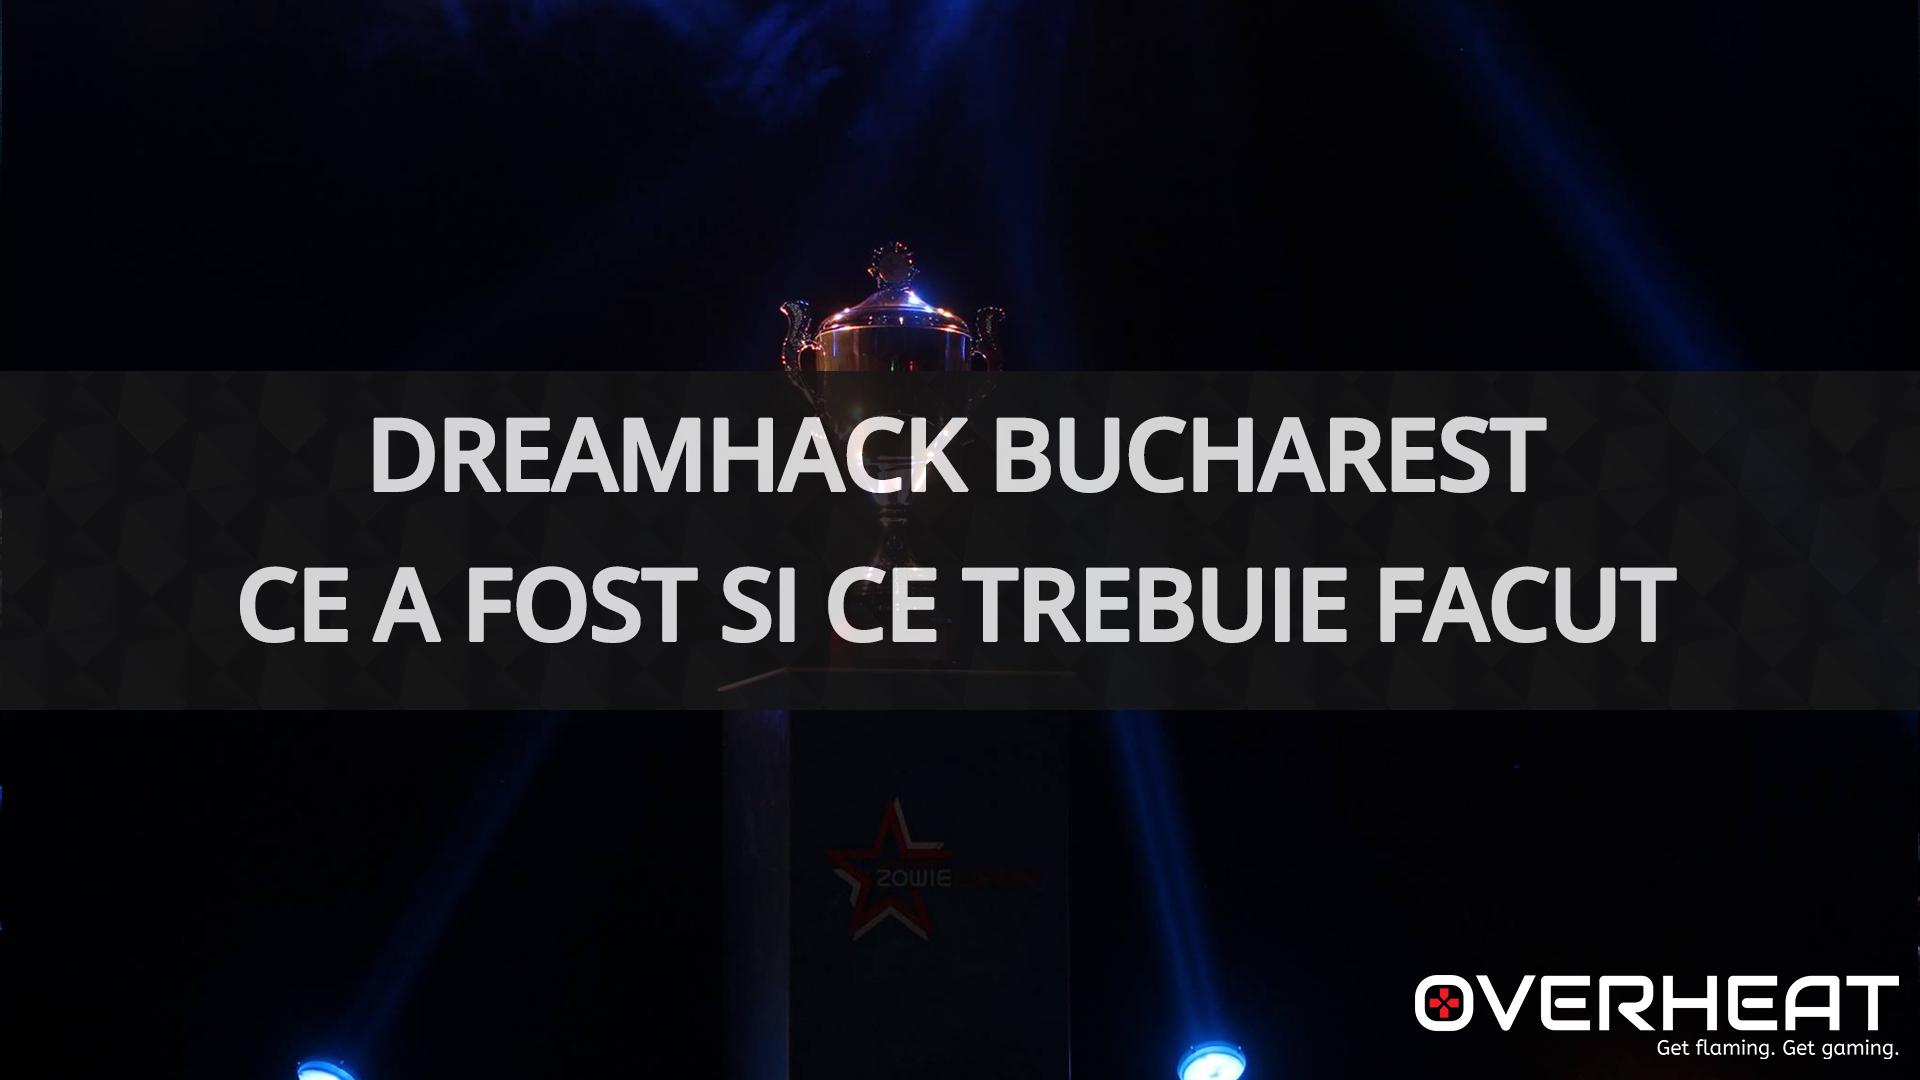 dreamhack_bucharest_ce_a_fost